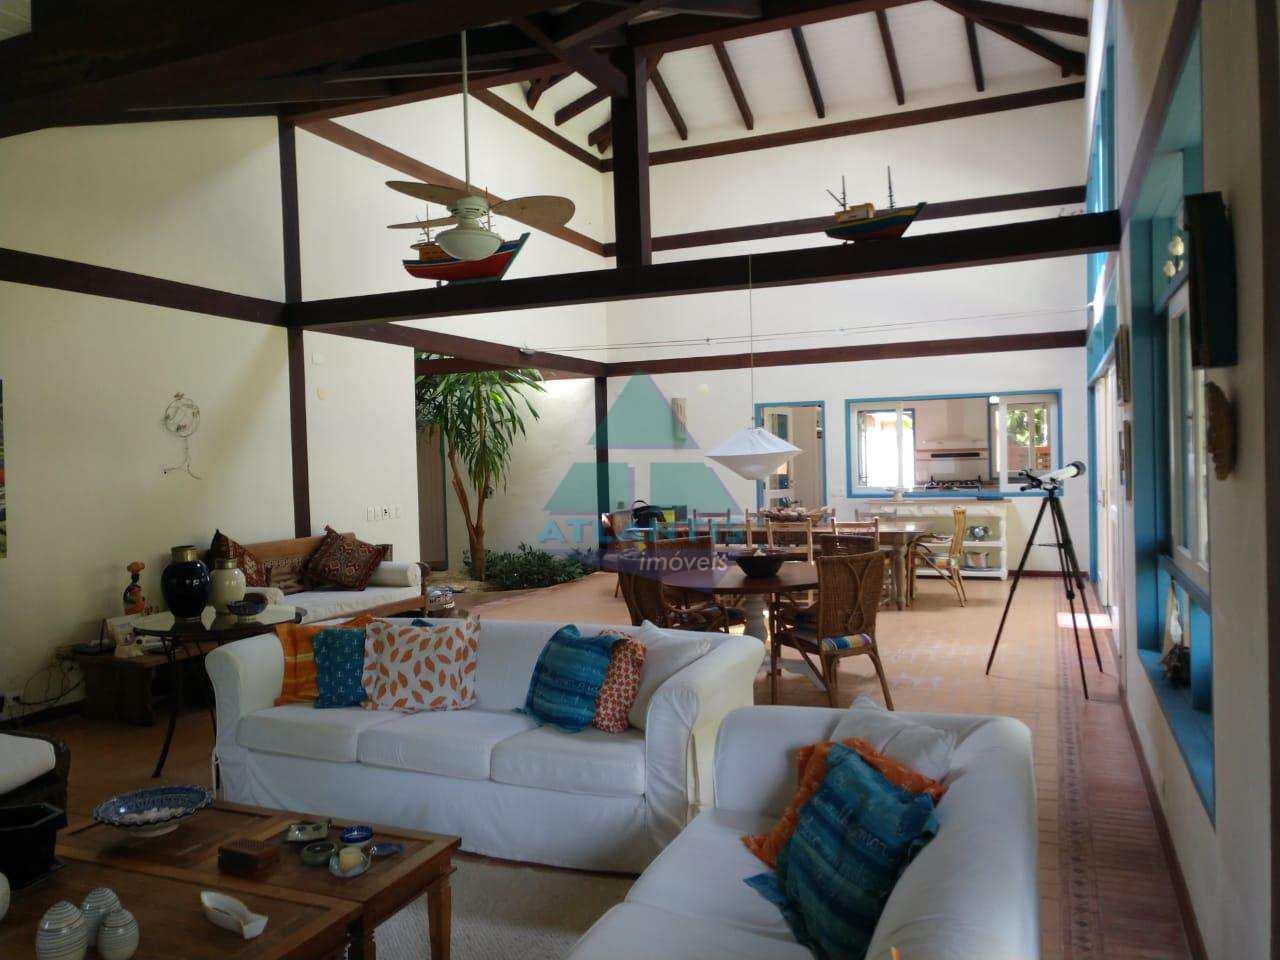 Casa com 5 dorms, Praia do Pulso, Ubatuba - R$ 3.6 mi, Cod: 1097